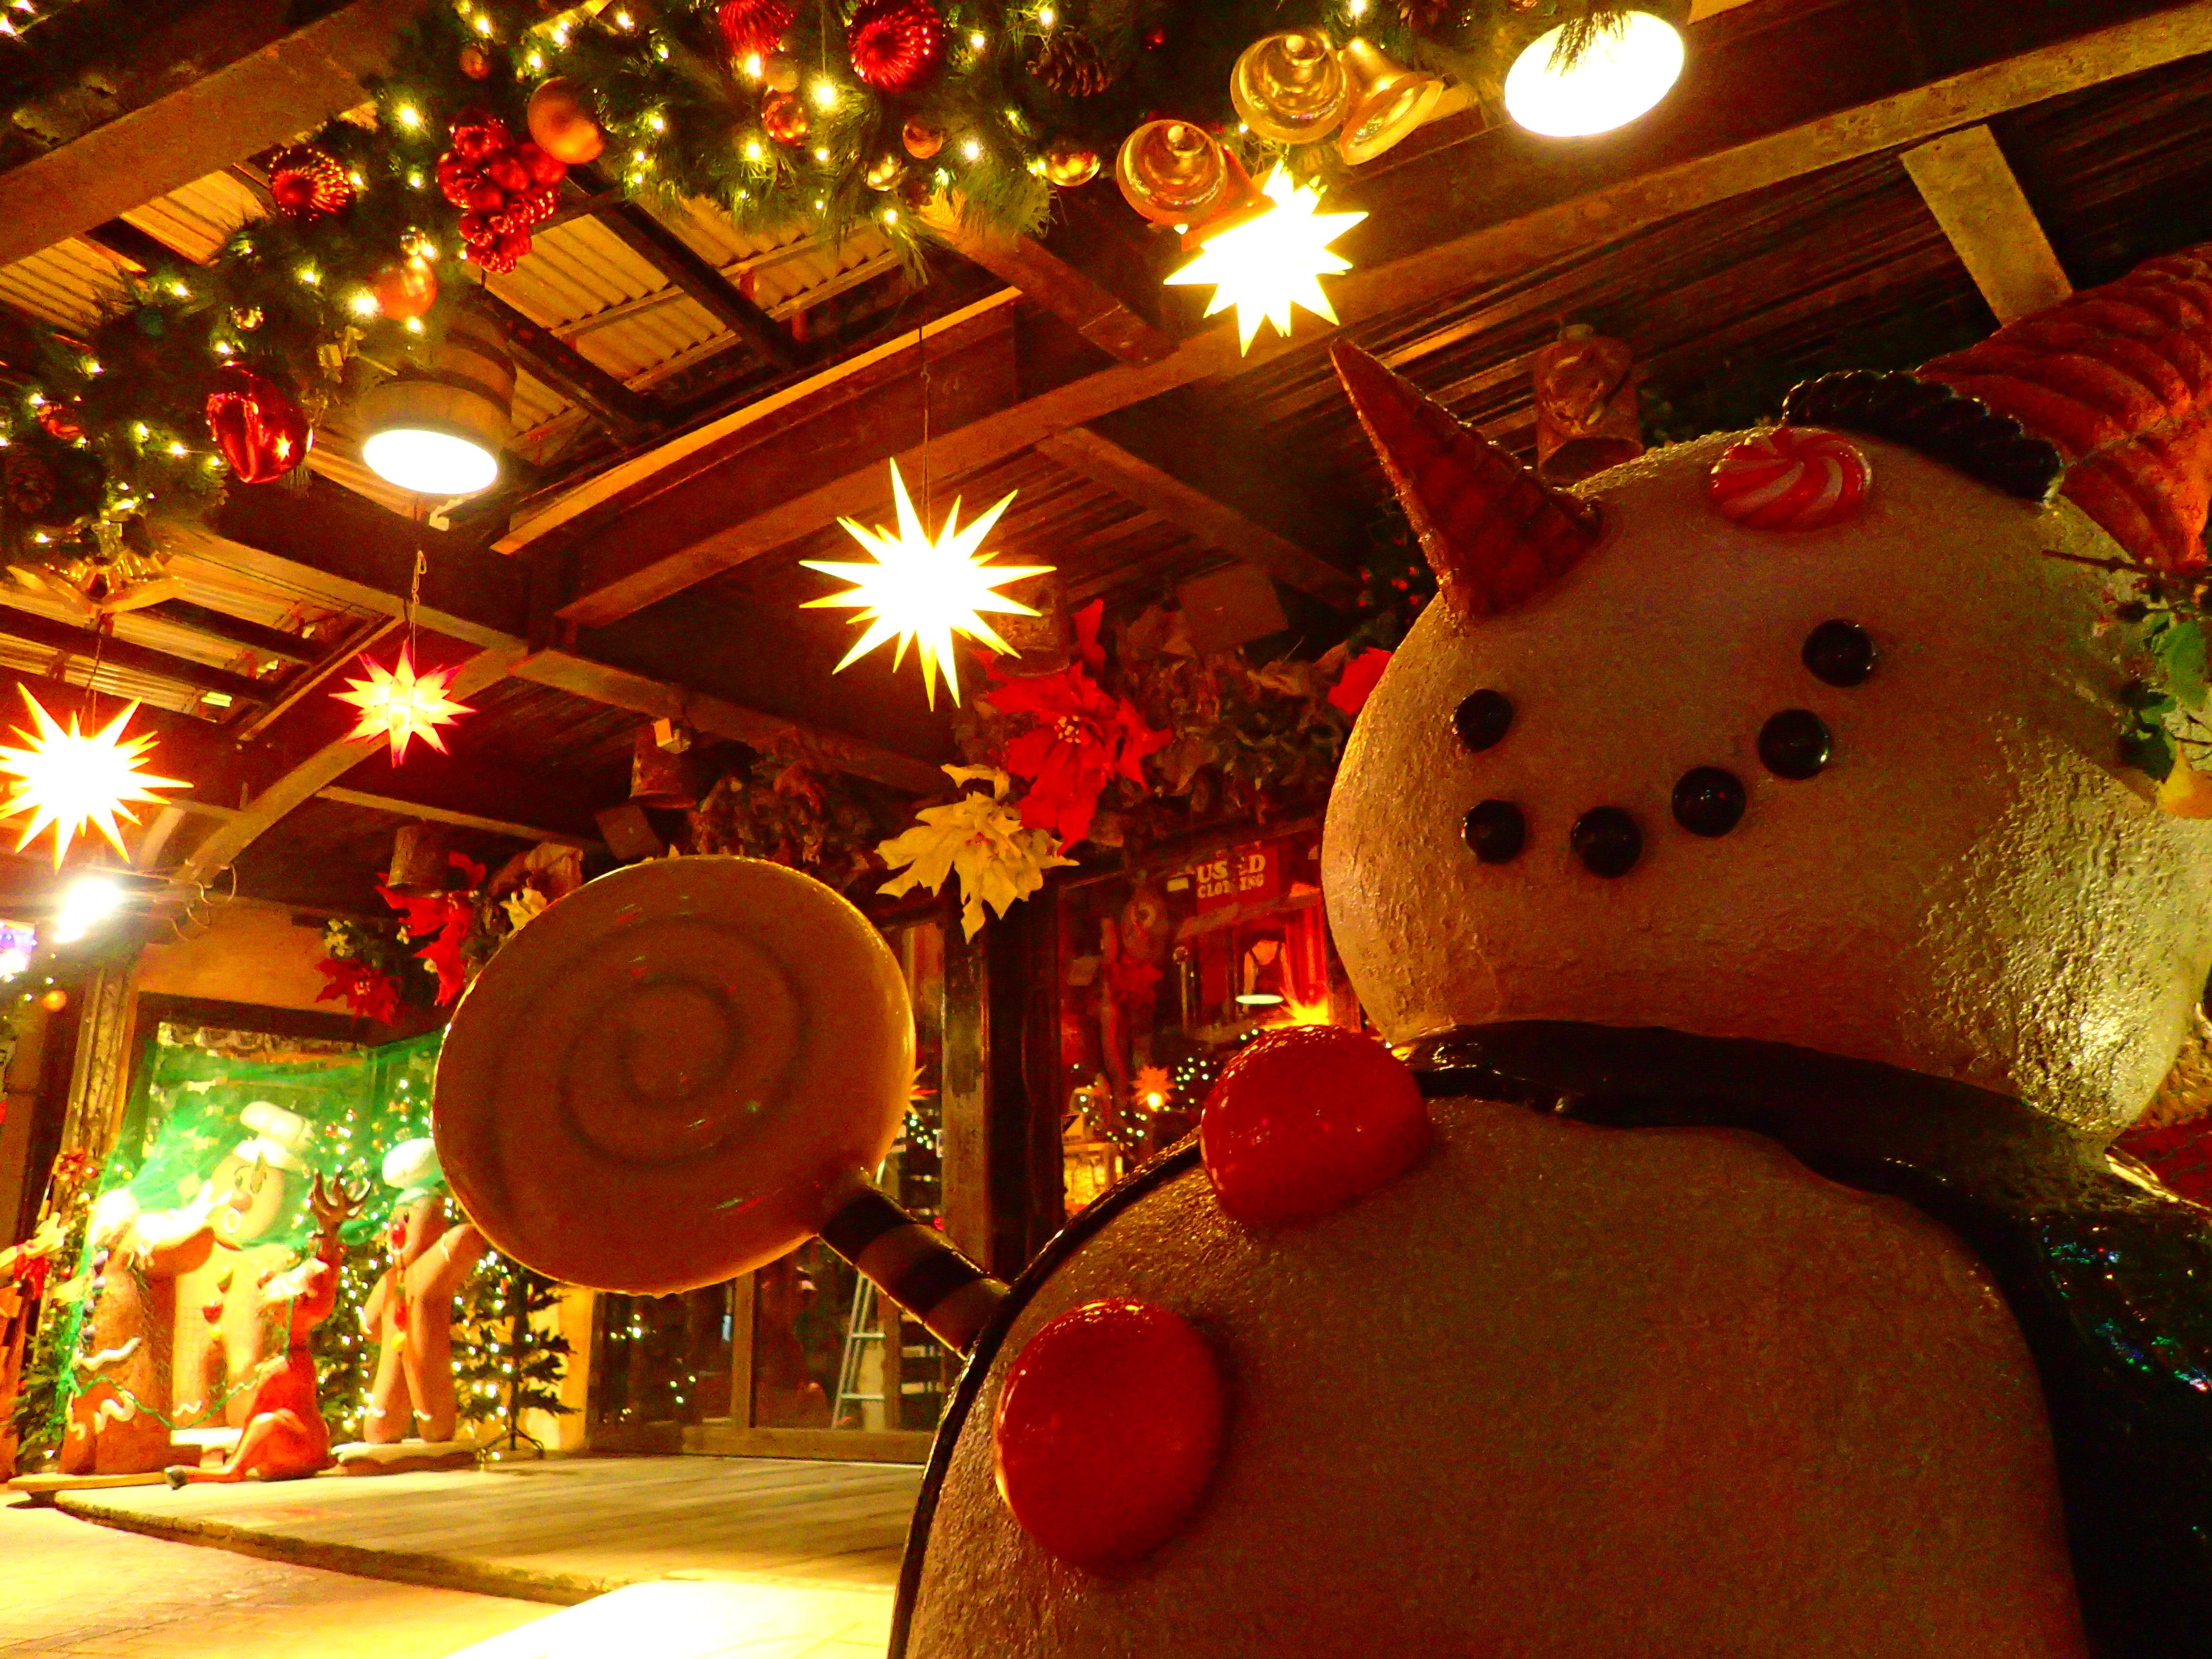 【冬の沖縄本島②】ベッセルホテルカンパーナ沖縄に泊まったらアメリカンビレッジが2倍楽しめた!(アメビレの章)